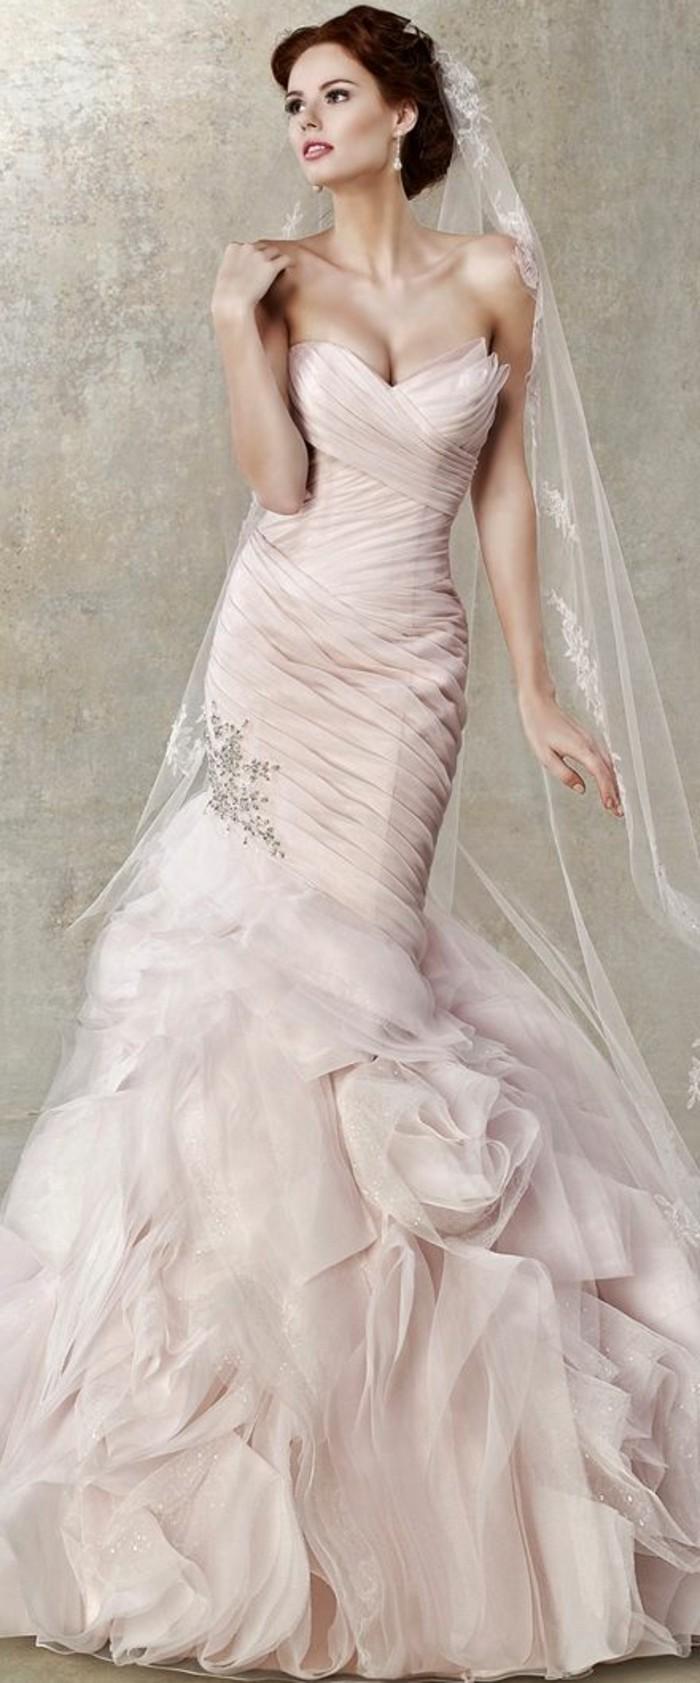 Brautkleid-in Rosa-und langen-schleier